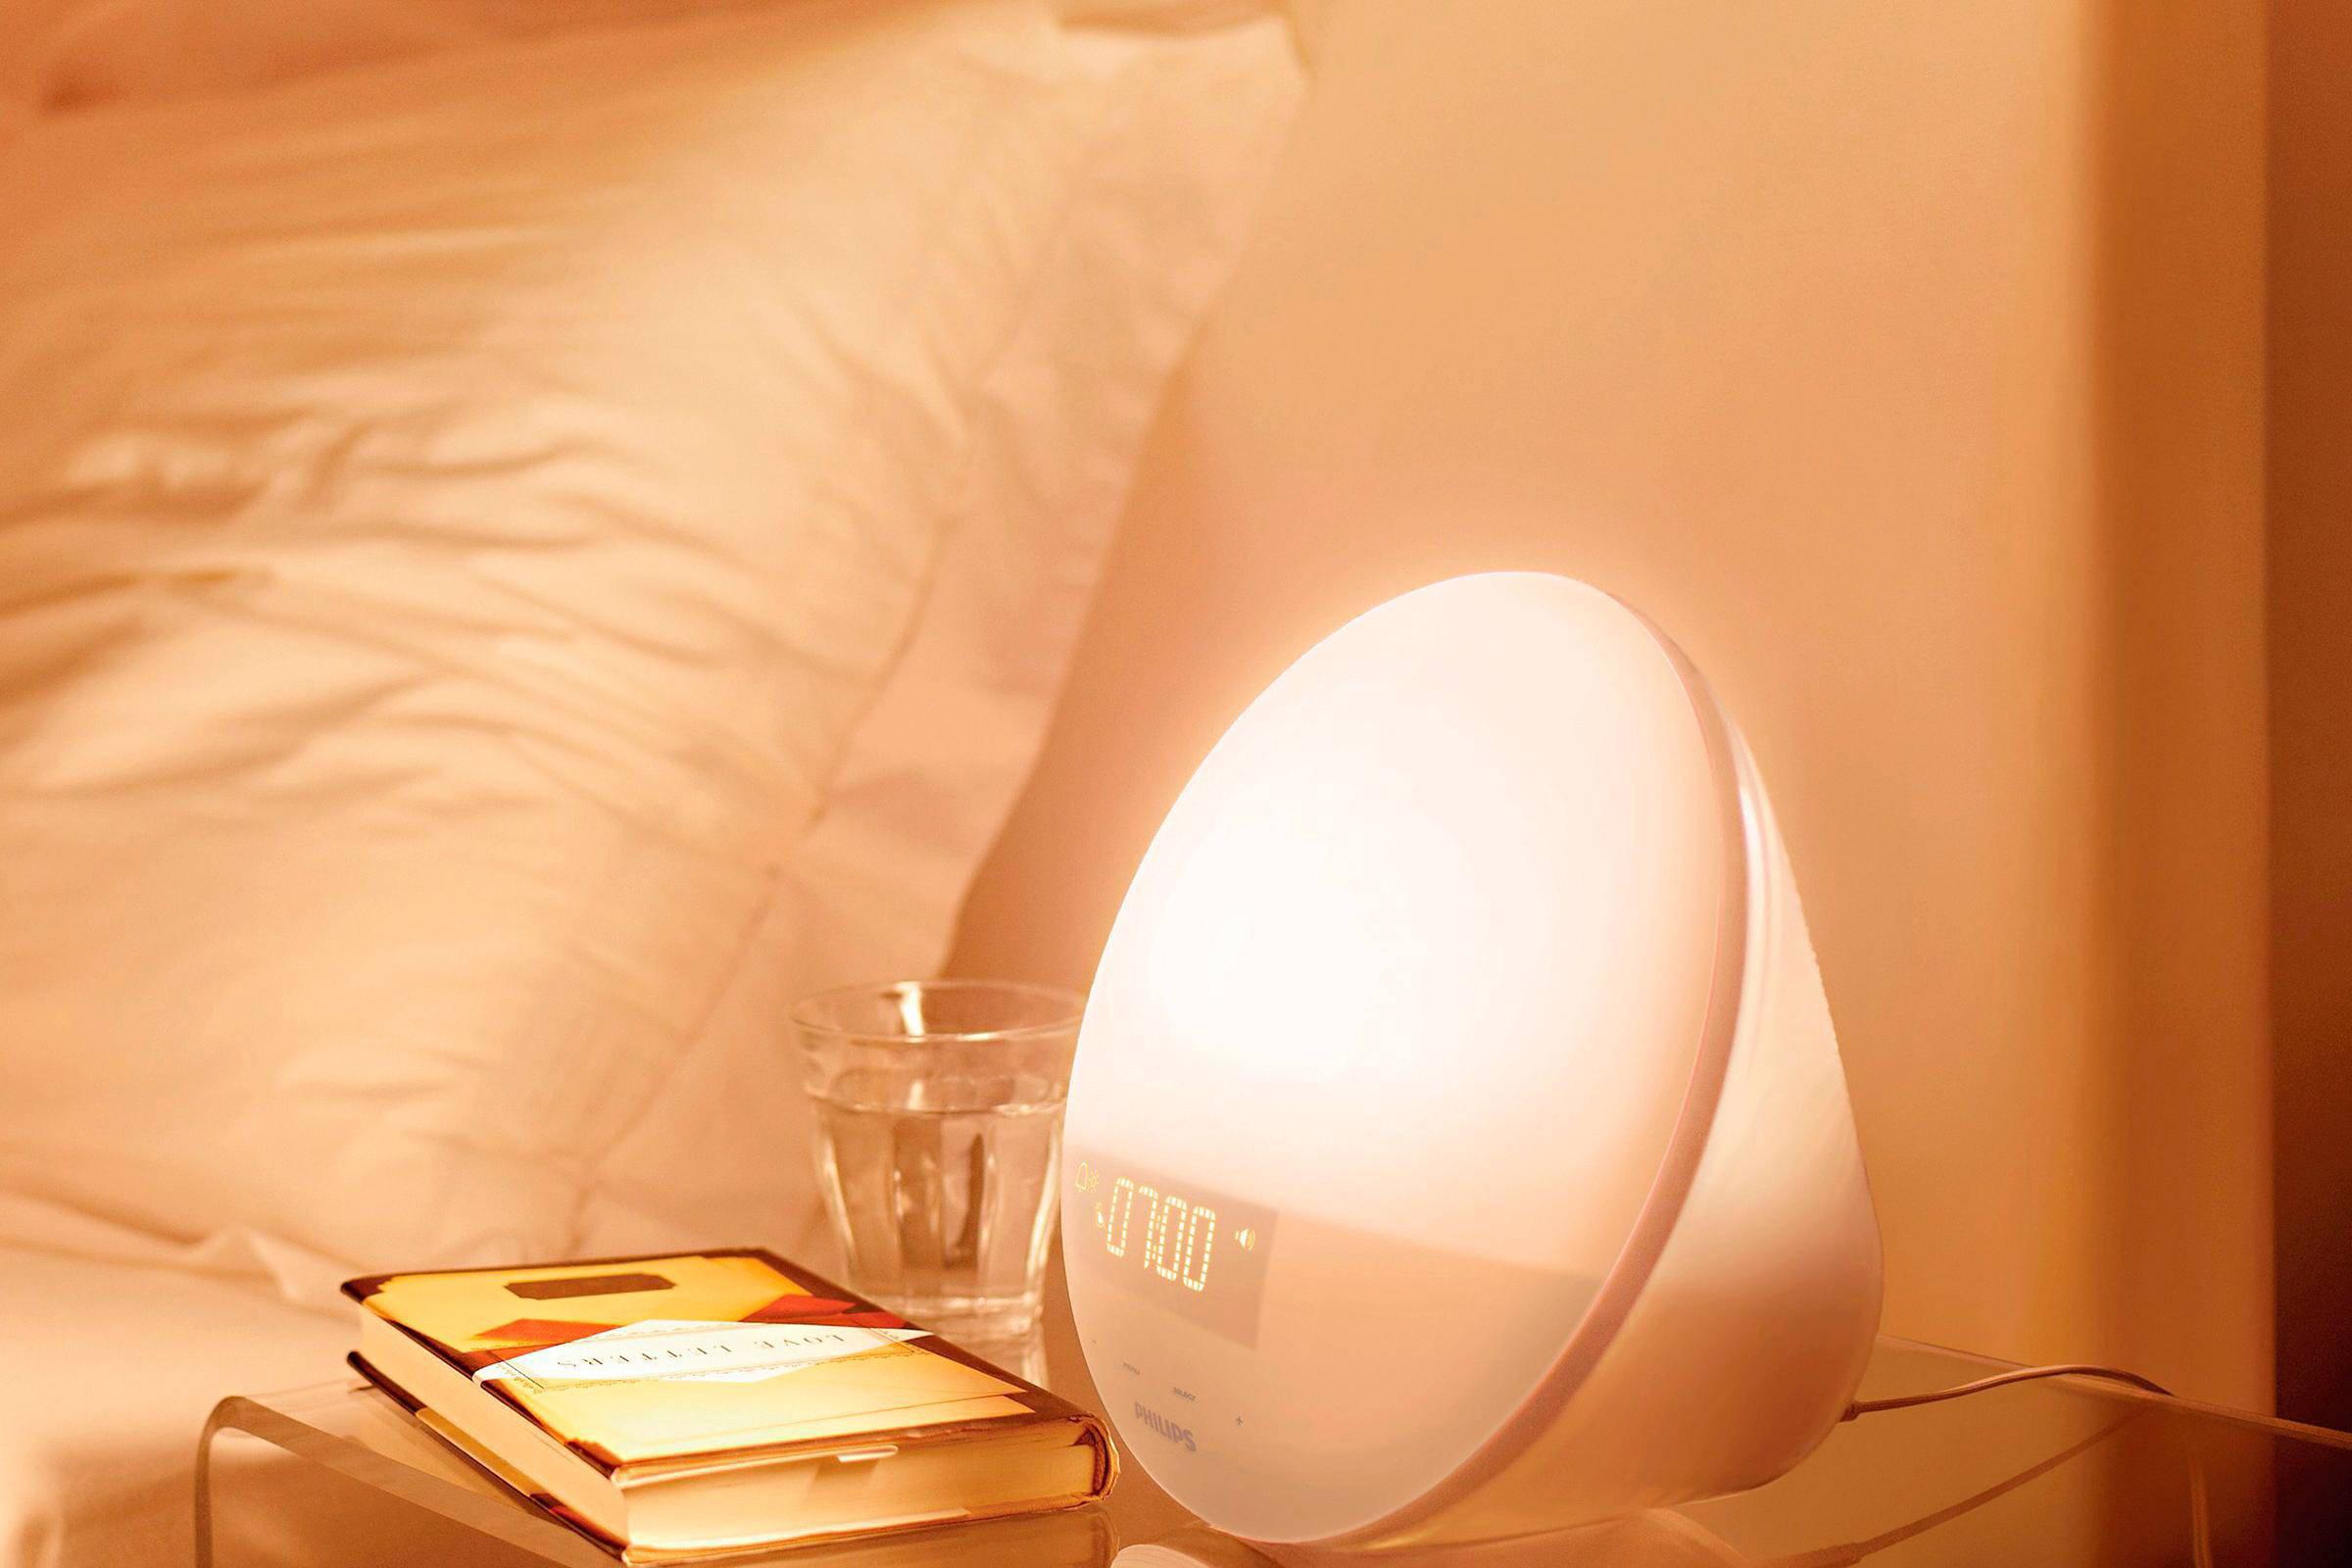 Philips Wekker Licht : Philips hf wake up light wehkamp